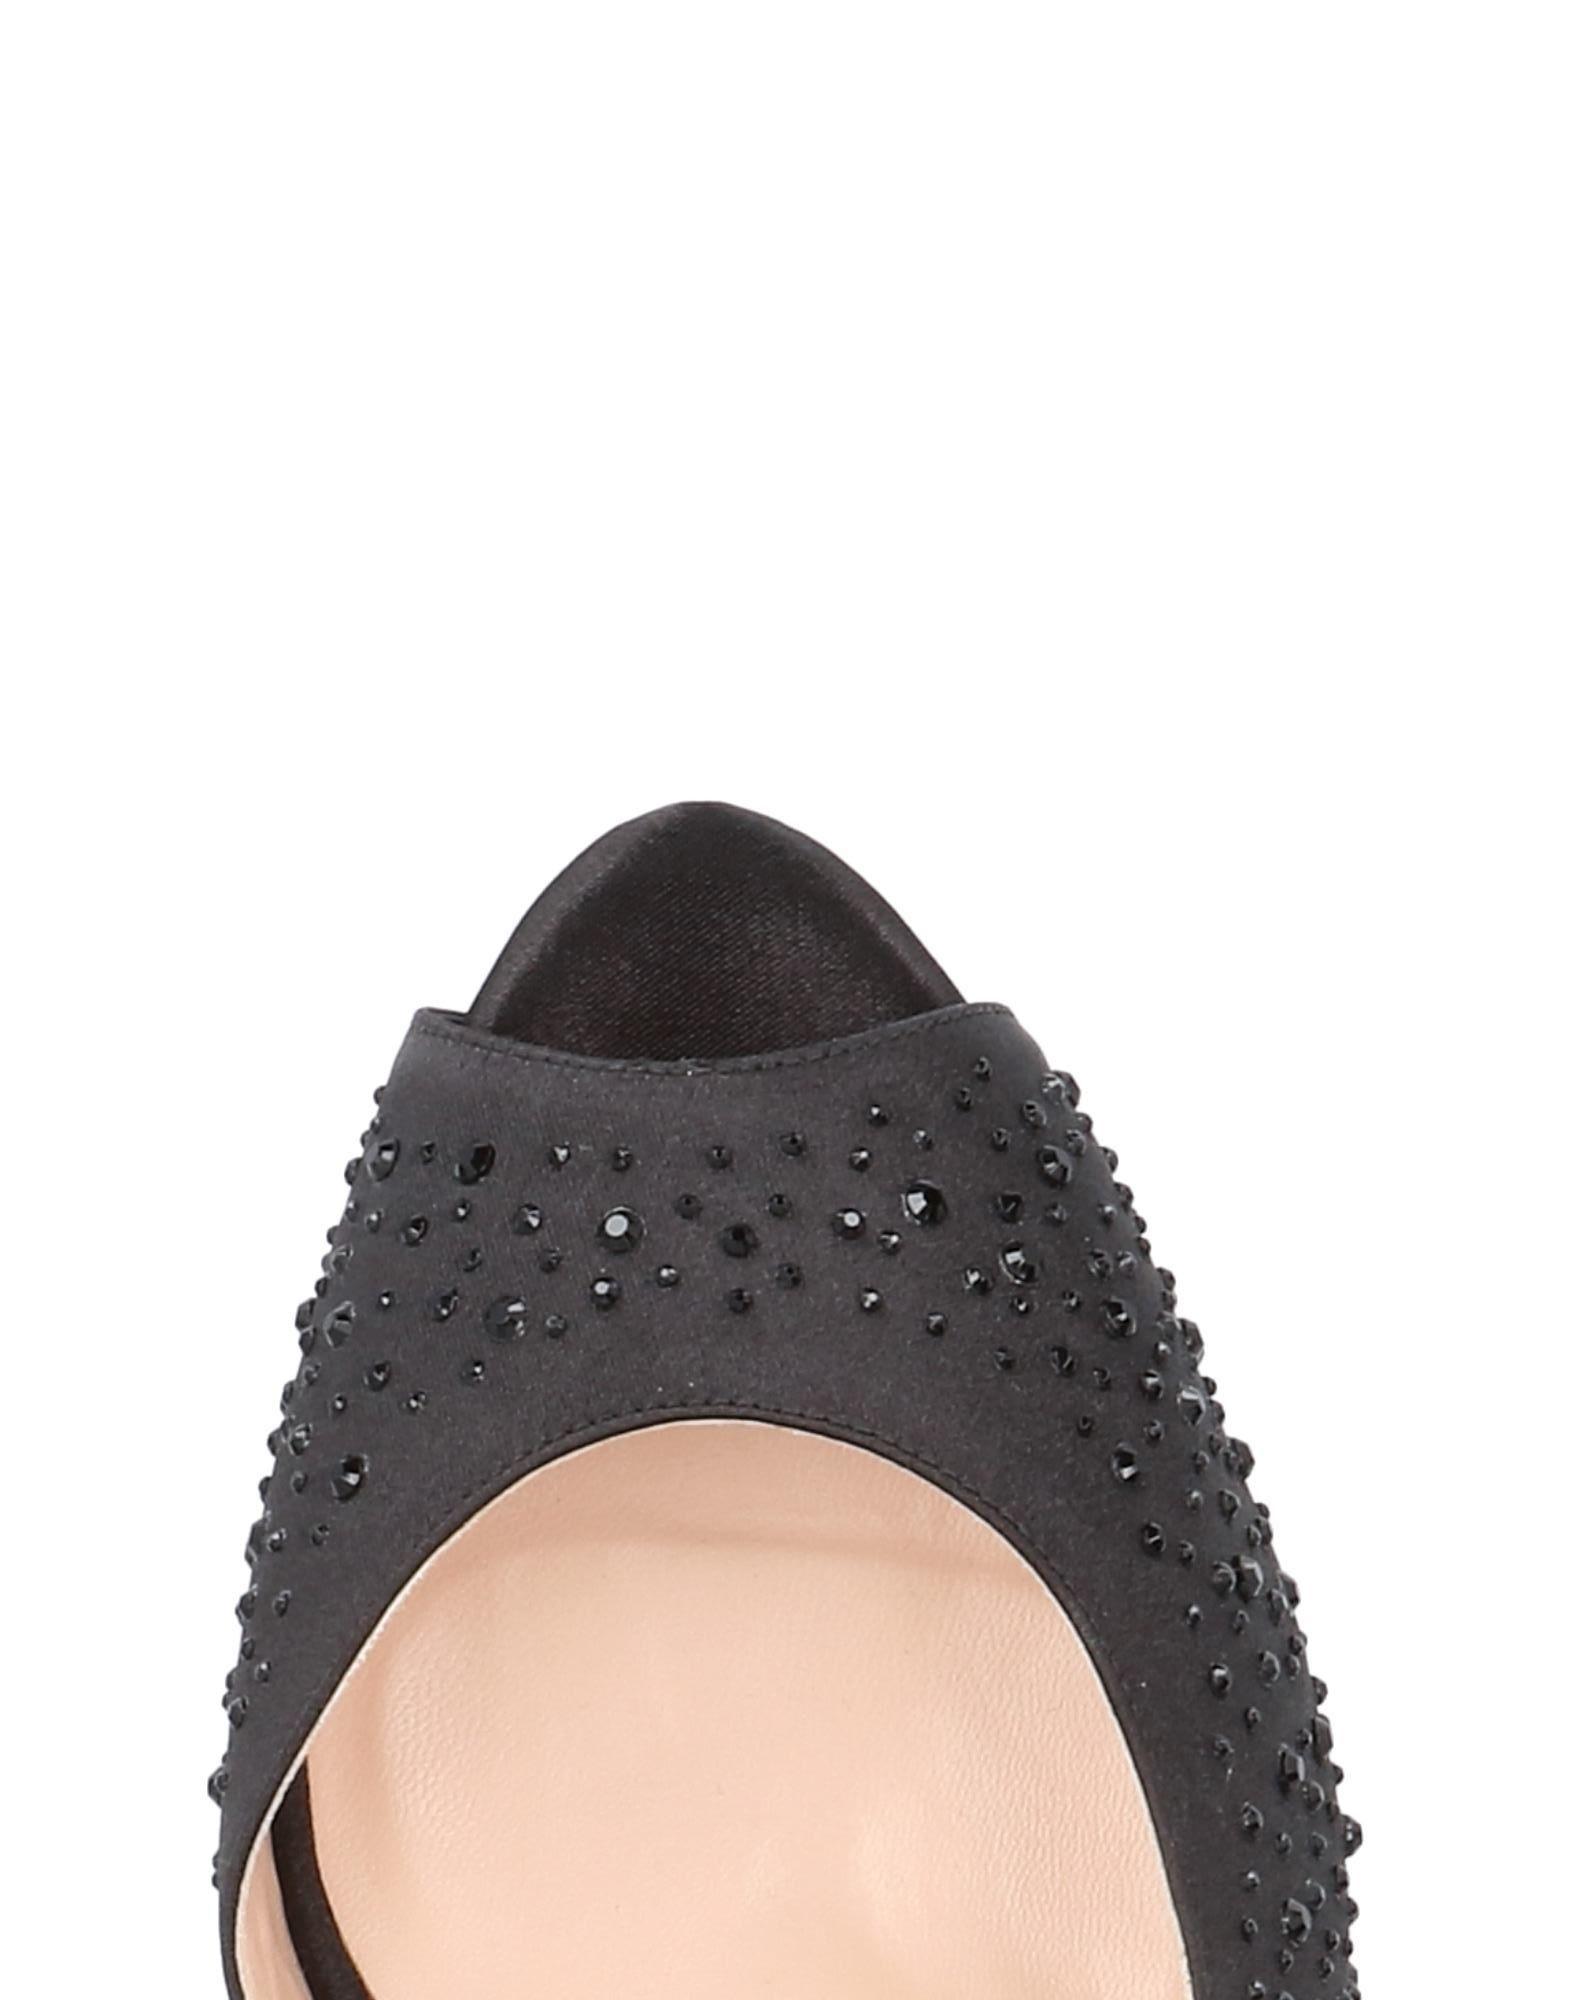 Liu •Jo Shoes Pumps Damen  11501160SF Qualität Gute Qualität 11501160SF beliebte Schuhe 26edd1